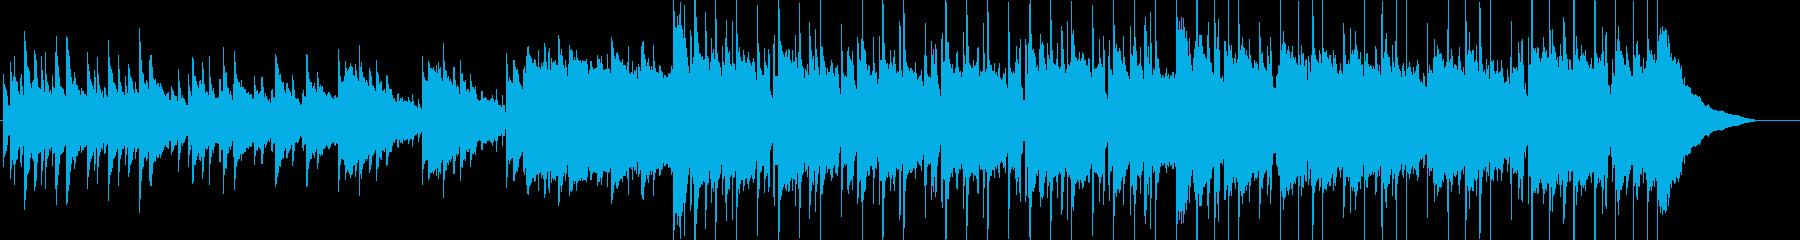 のんびりしたほのぼのアメリカ童謡の再生済みの波形